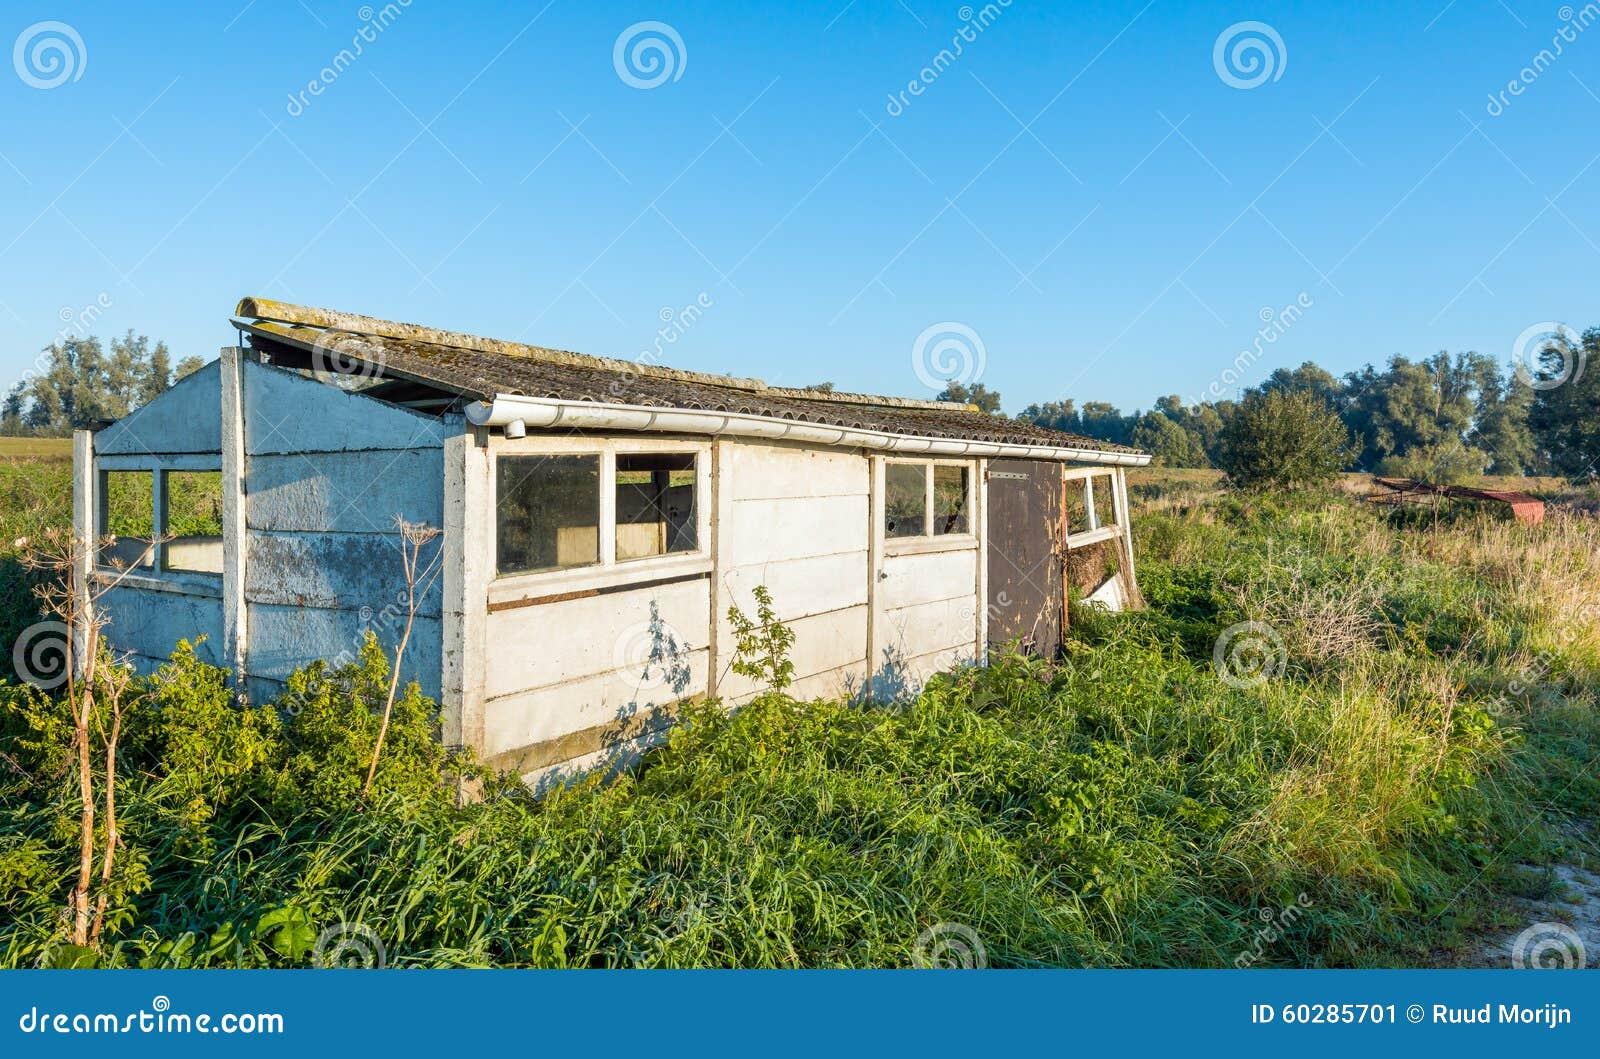 vecchia piccola tettoia dilapidata fatta delle lastre di cemento armato e con un tetto ondulato alla luce solare di primo mattino nella stagione di caduta